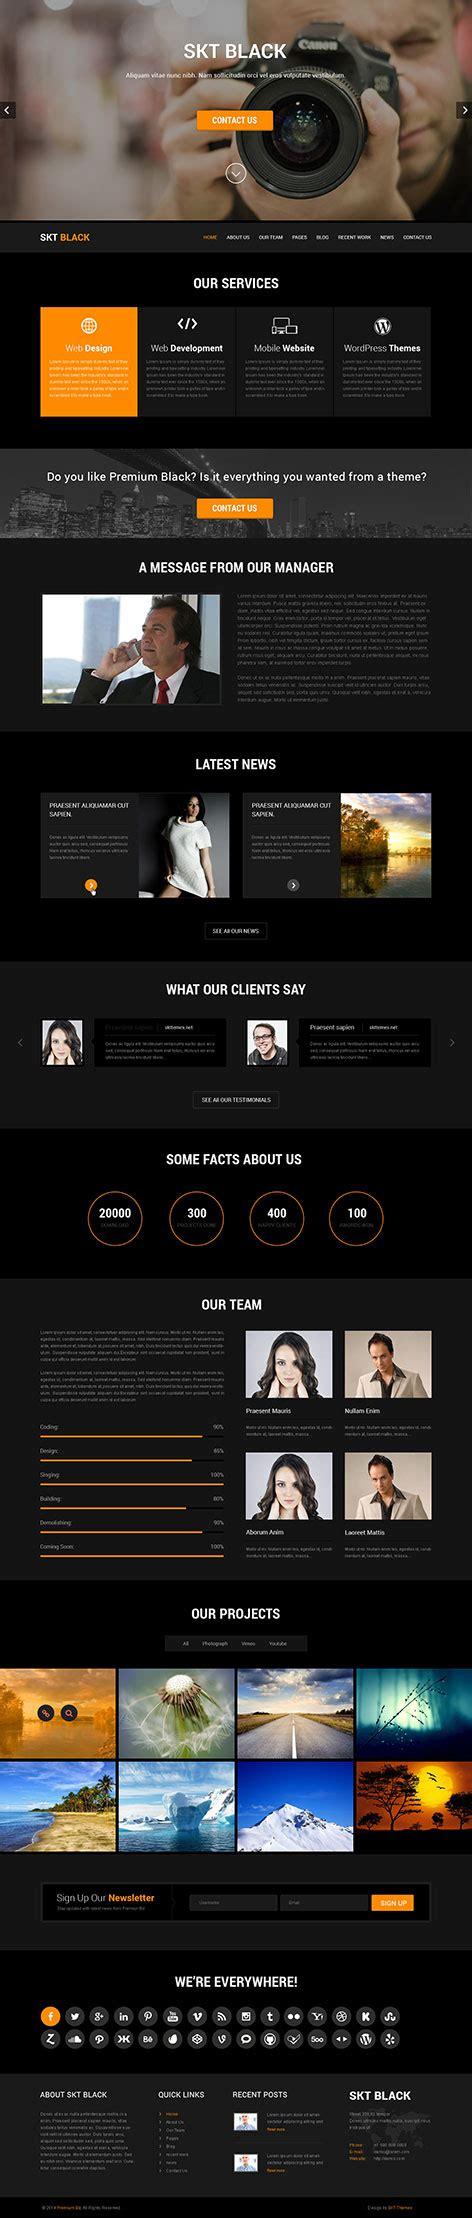 design by skt themes dark and black wordpress theme for darker website usage